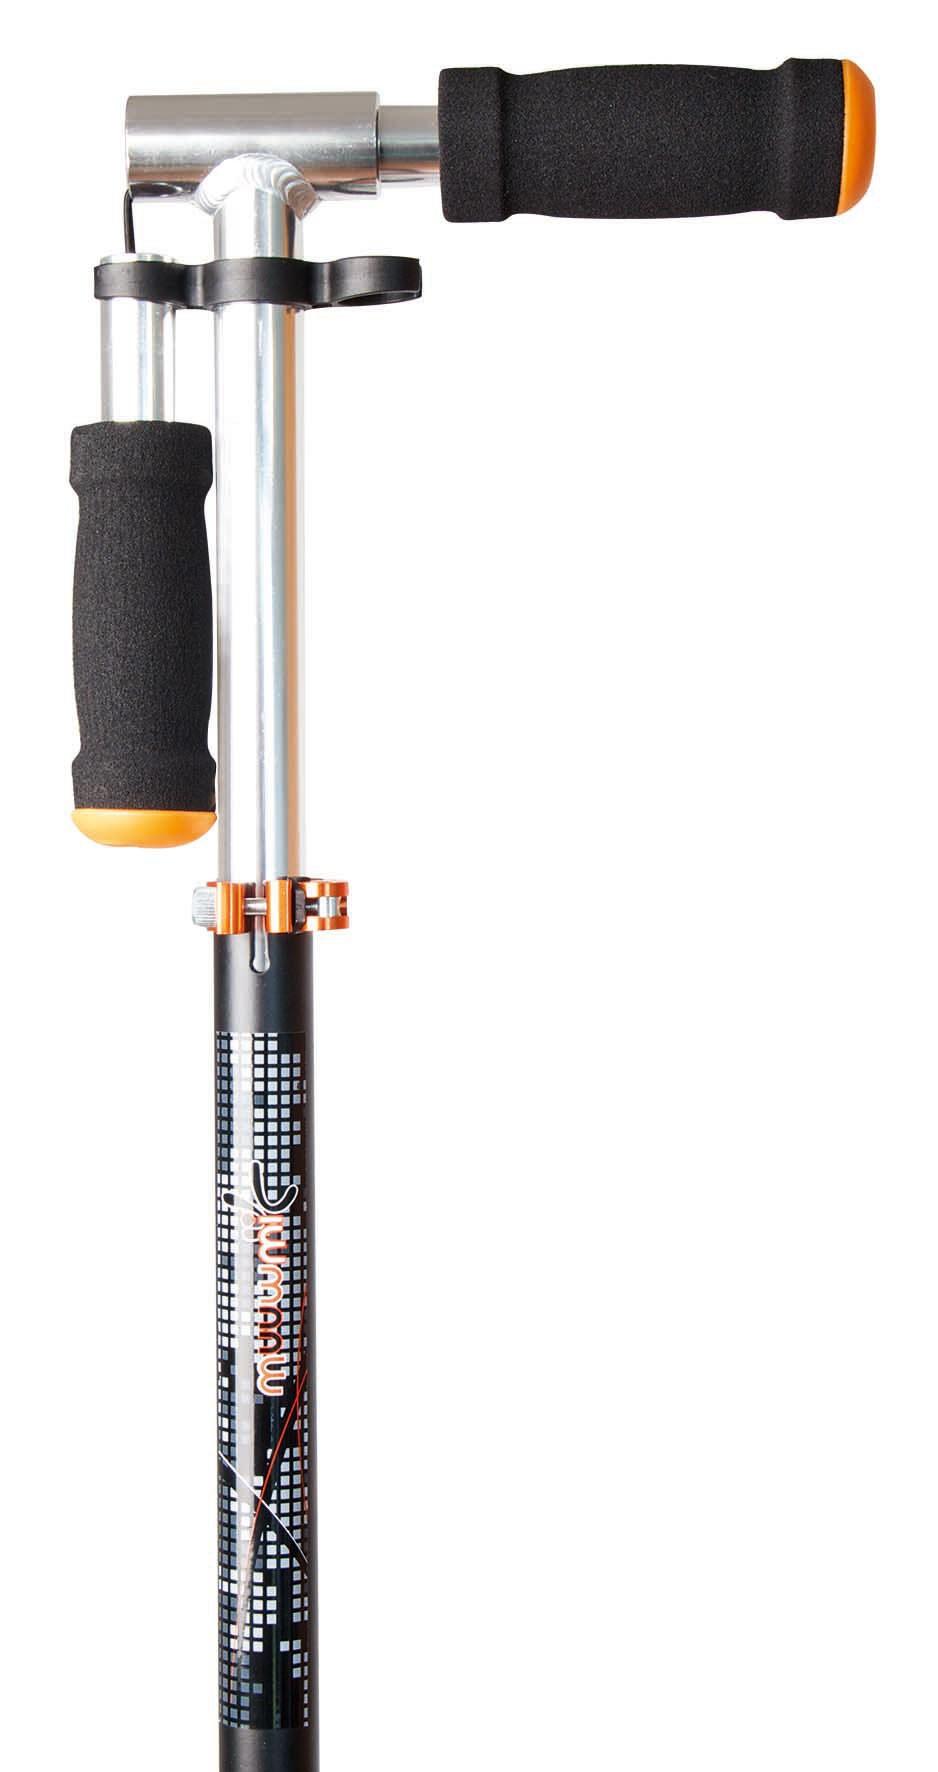 Alu Scooter / Cityroller Muuwmi 200mm schwarz-orange Bild 3